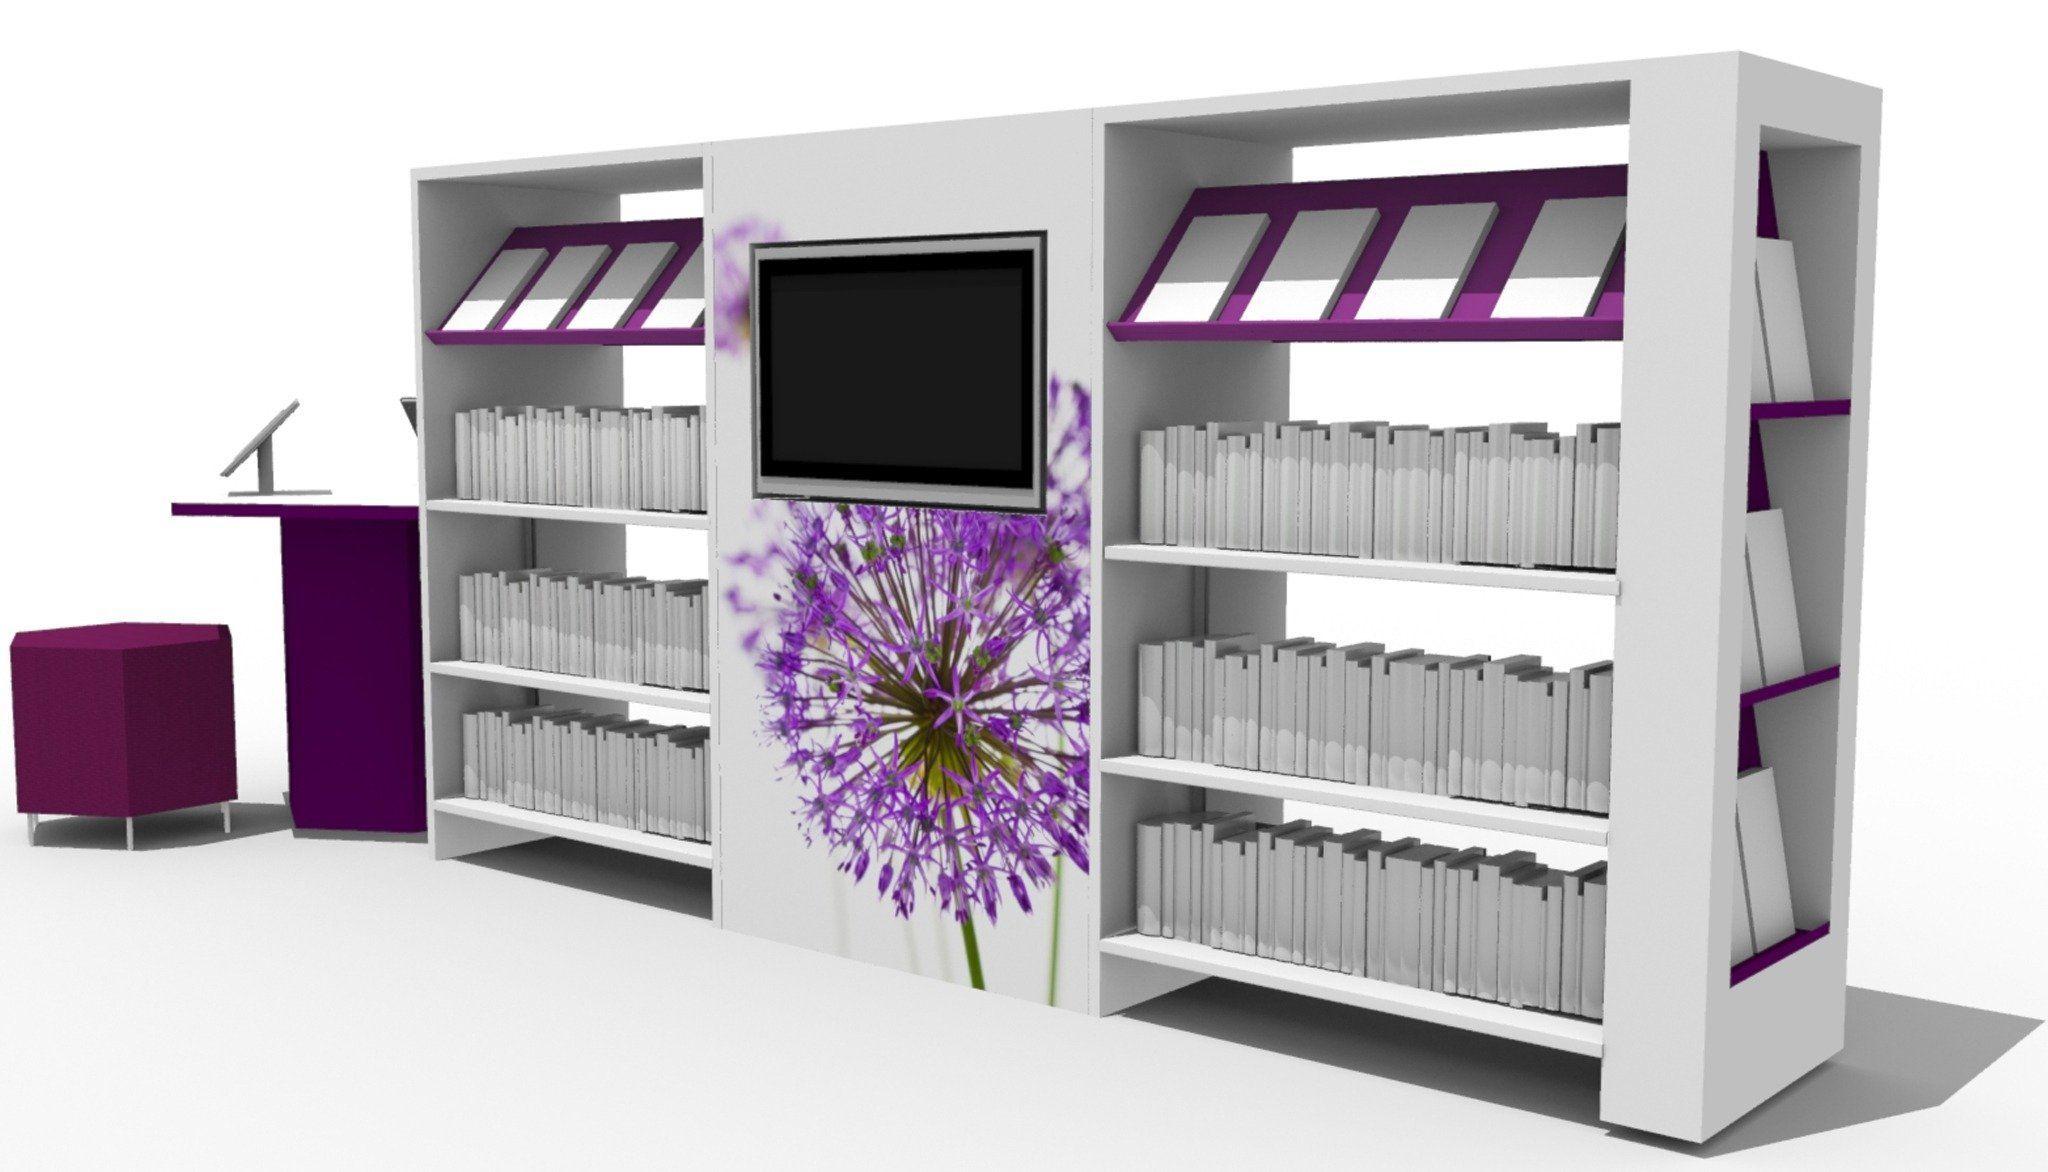 Library Shelving | Shelves & Storage | Demco Interiors#demco #interiors #library #shelves #shelving #storage